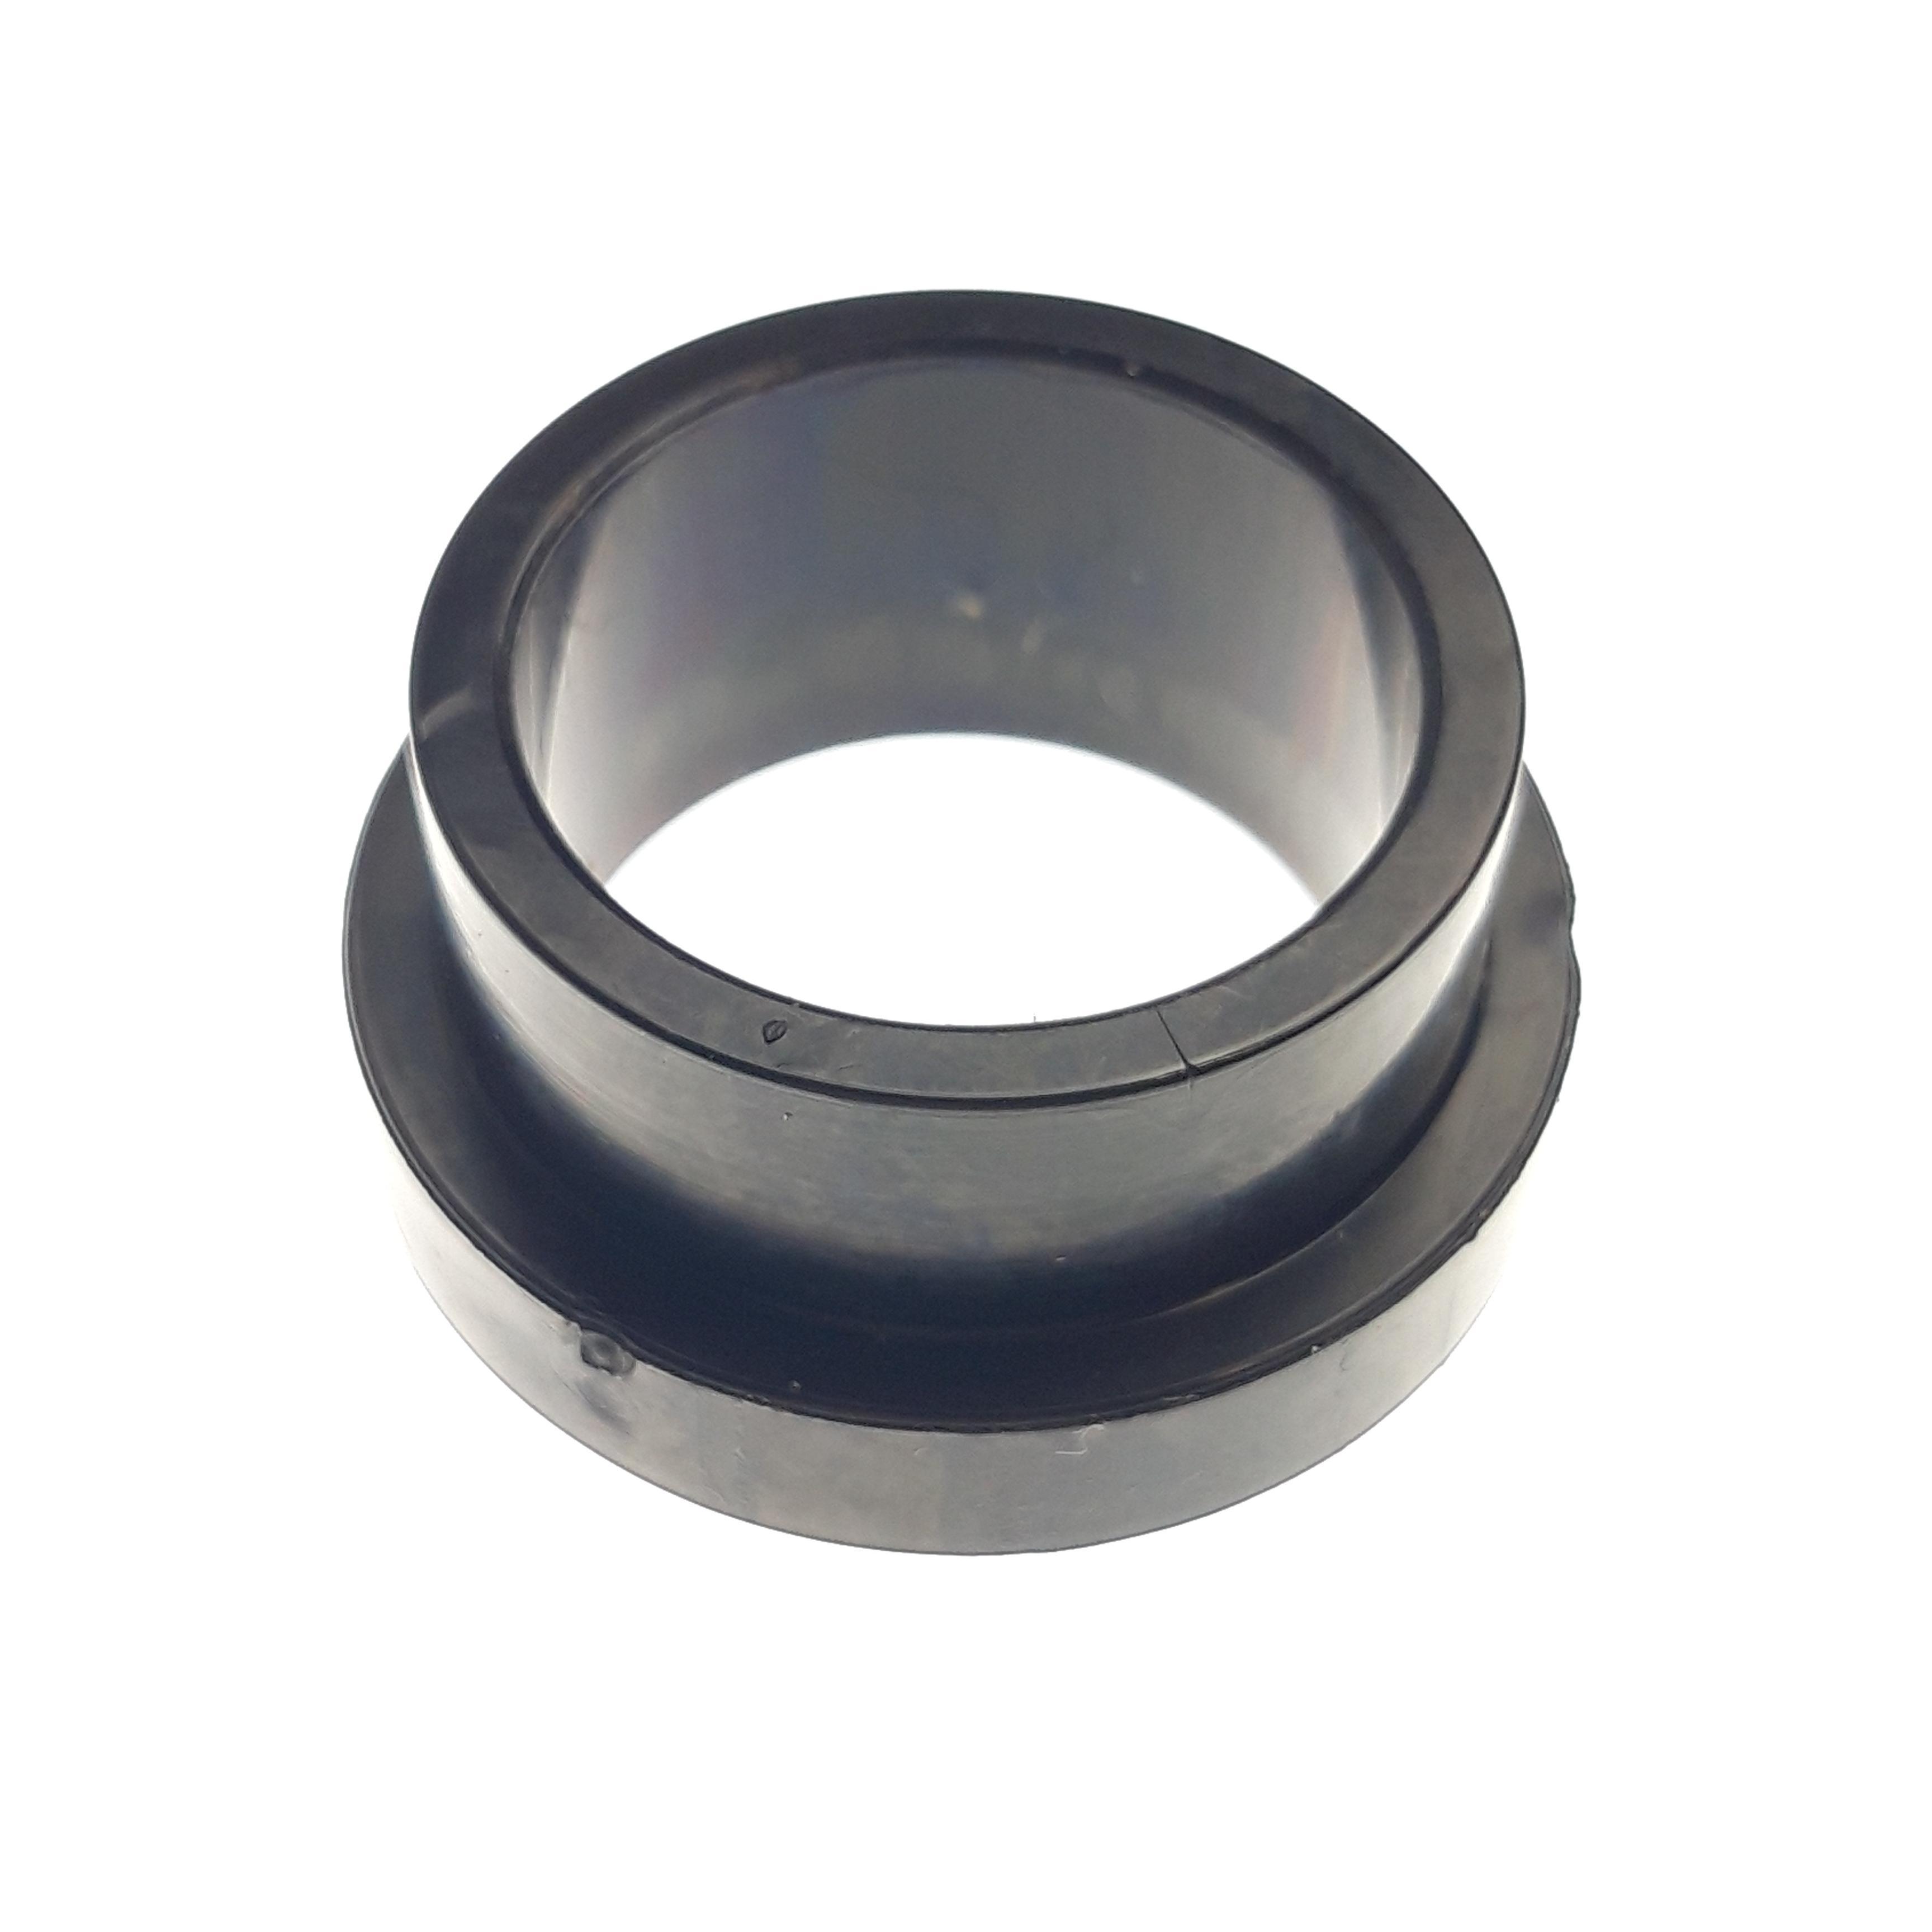 Bushing: Eyelet (T) (0.345 ILG, 0.828 ID, 0.570 TLG) polyurethane